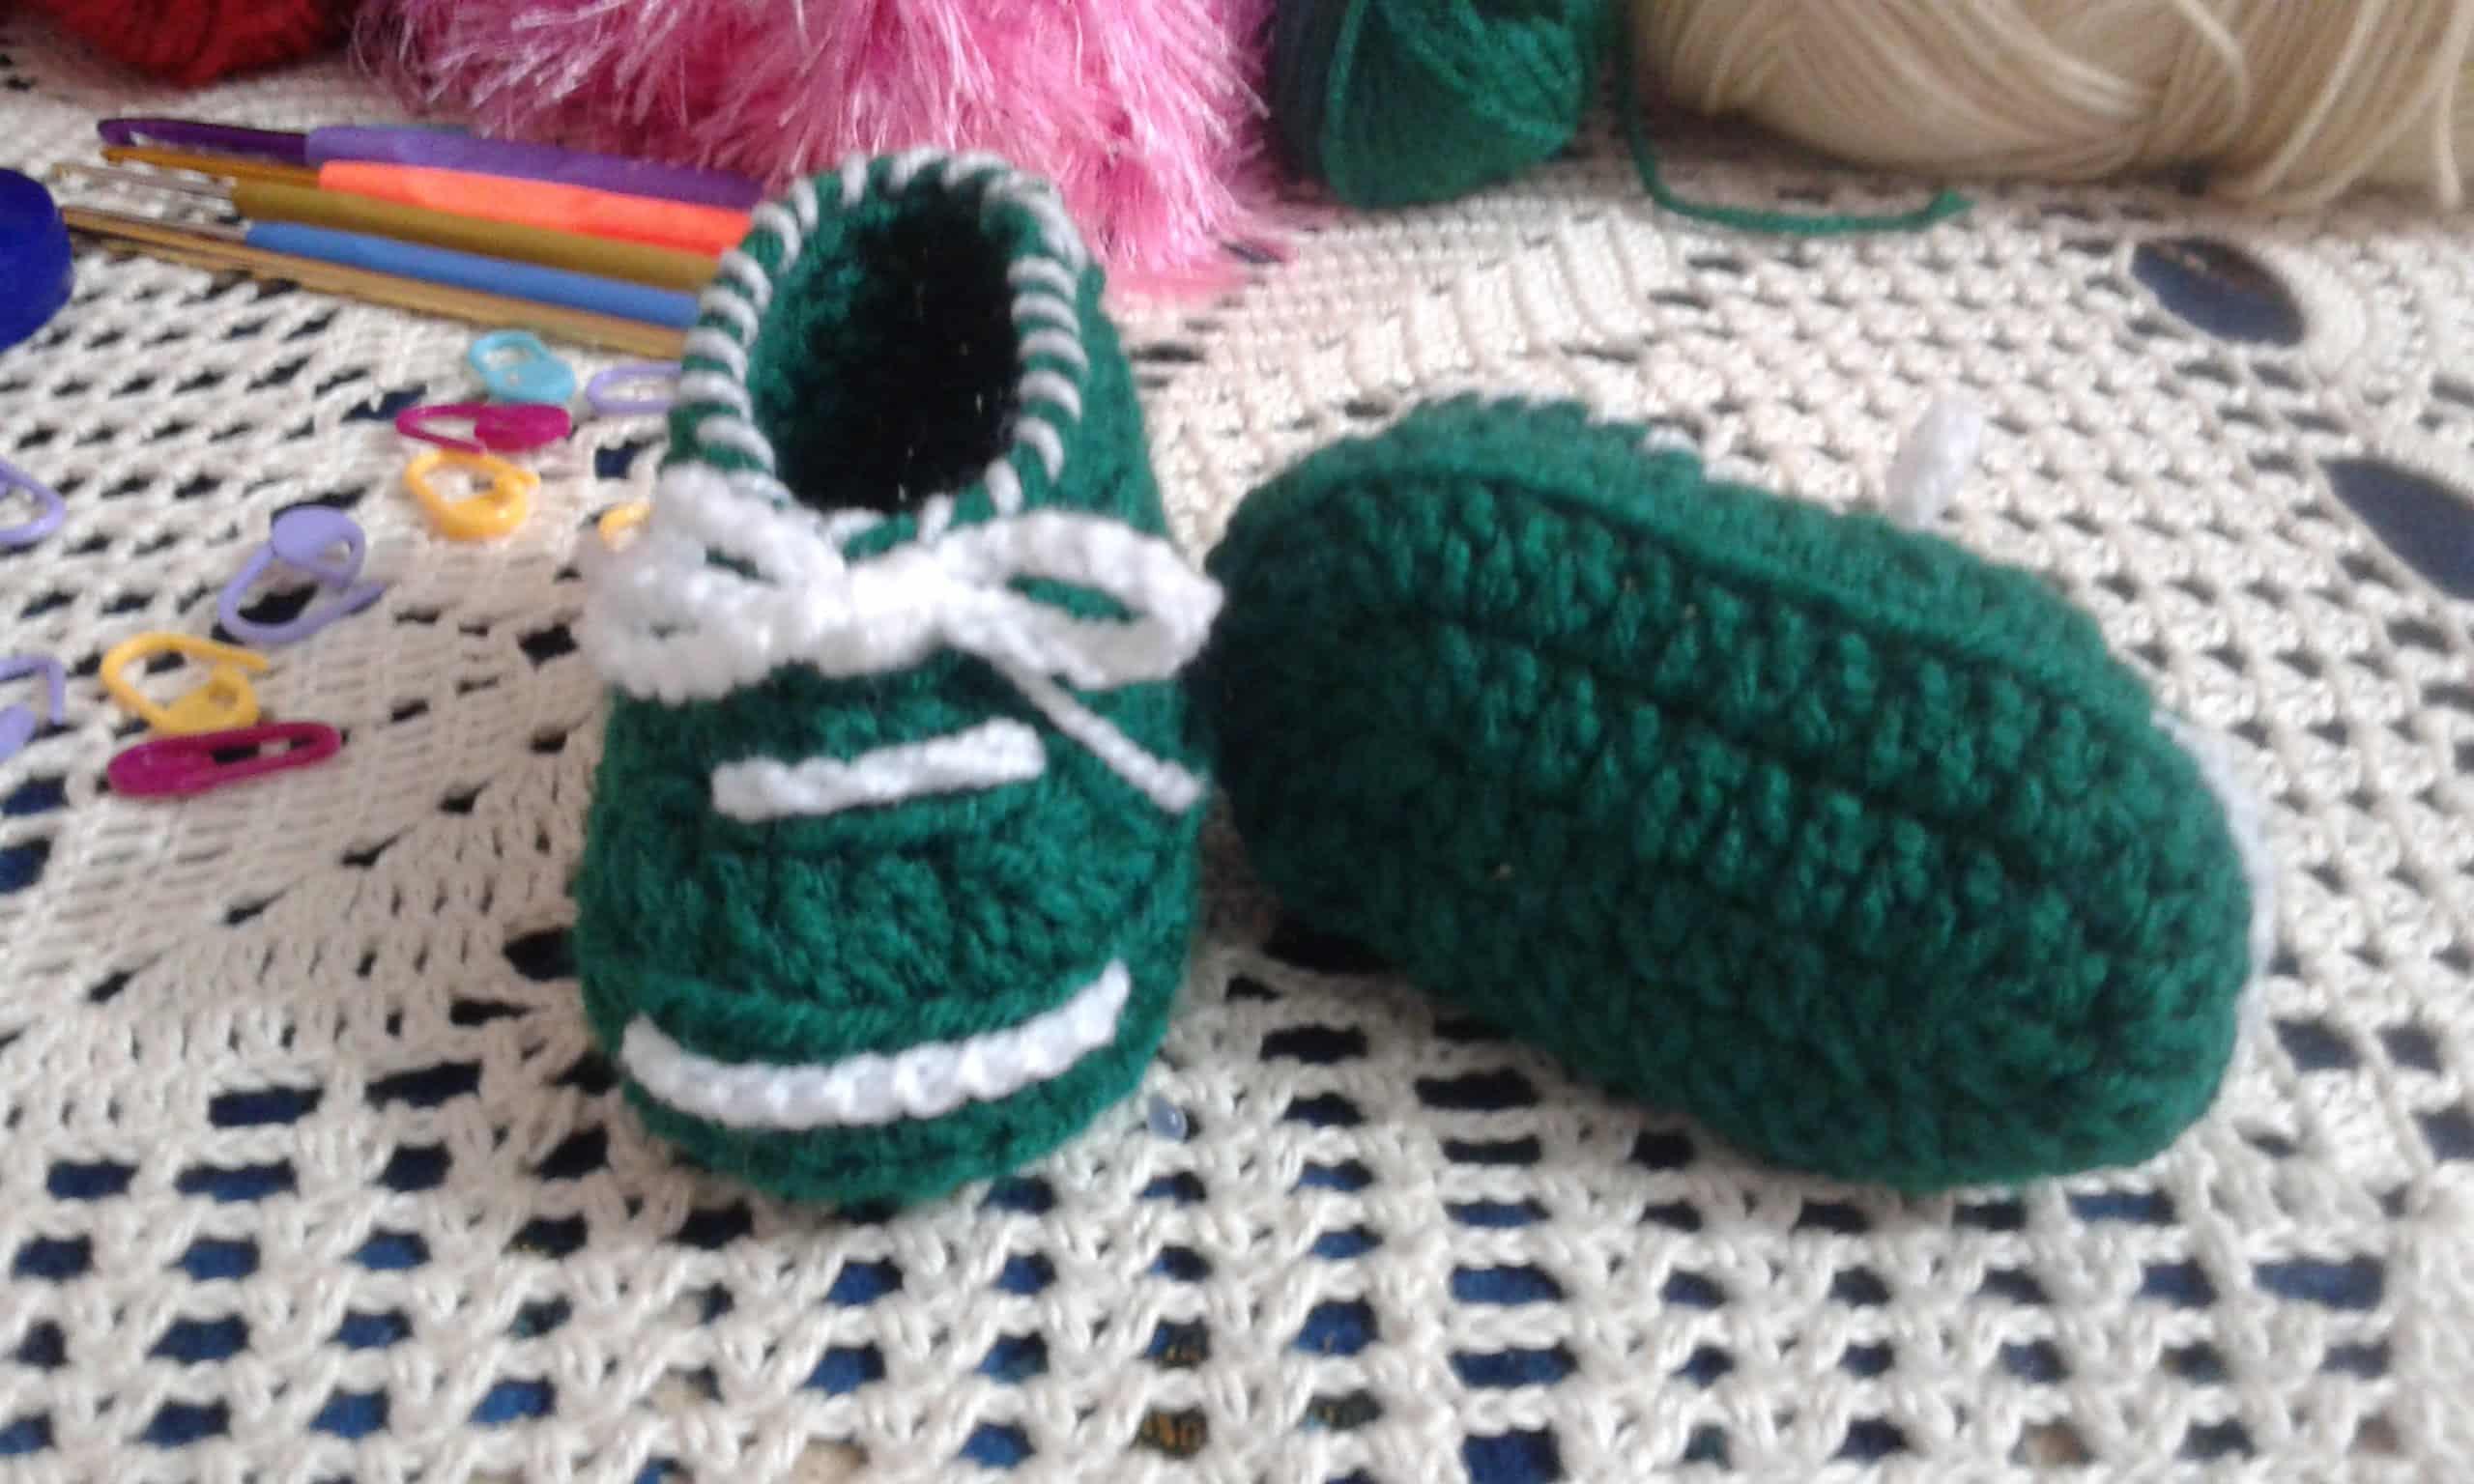 صور أفضل موديلات لأحذية الكورشية للاطفال تجنن